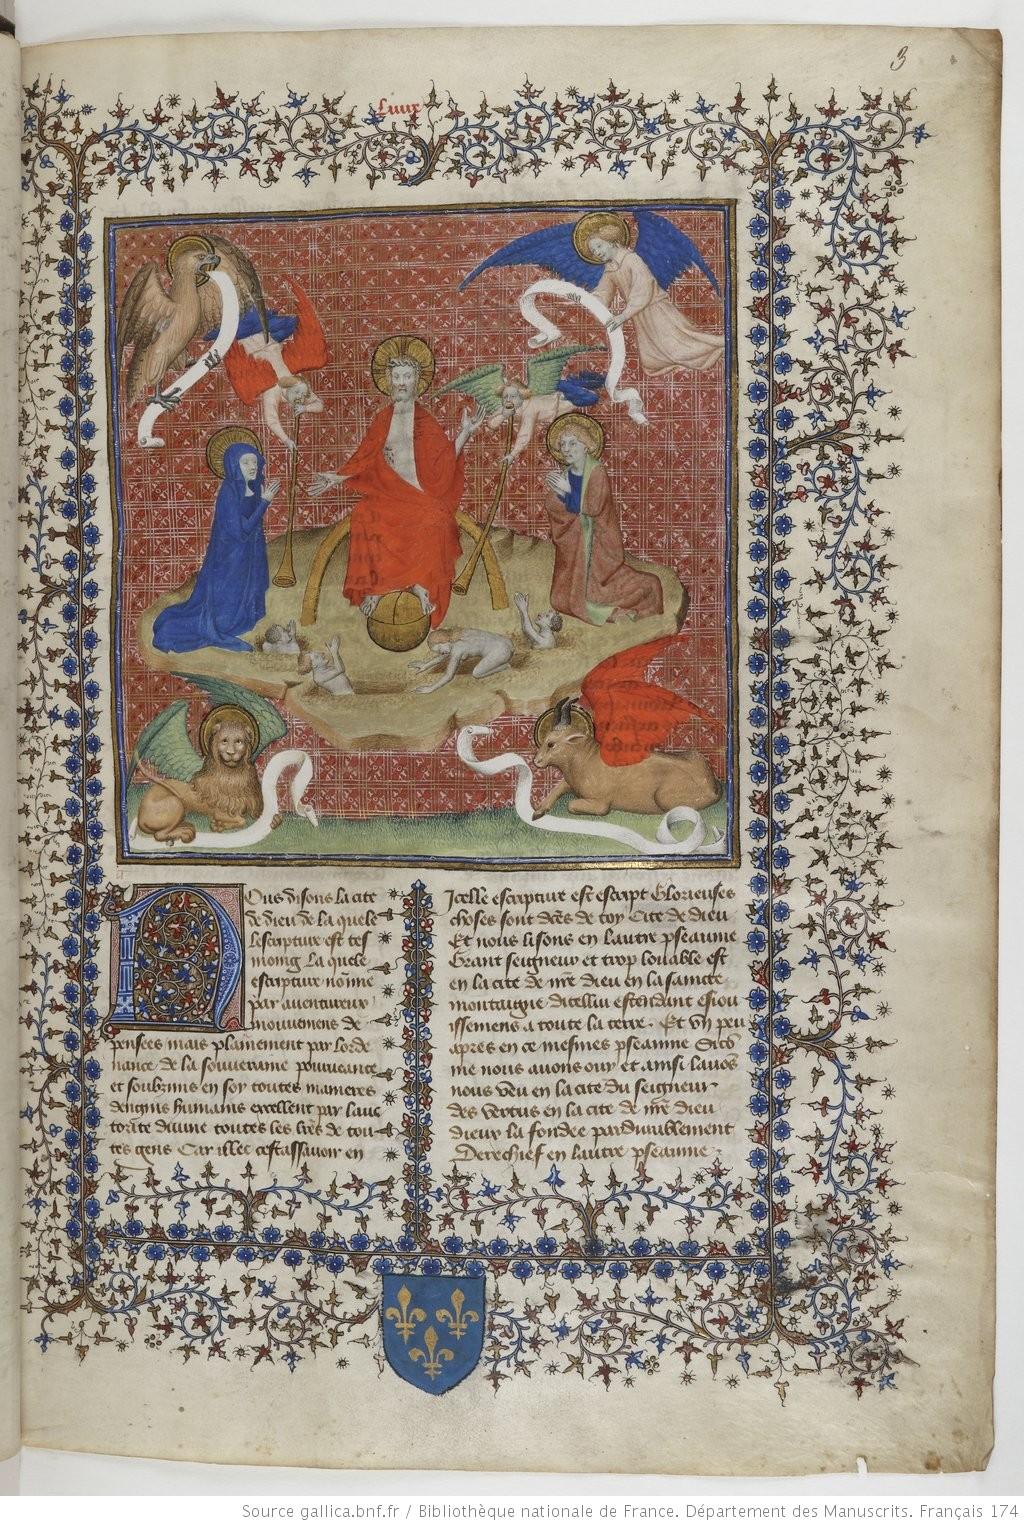 1400-05 Jacquemart de Hesdin augustinus de civitate dei BNF Francais fol 3r , Jugement Dernier